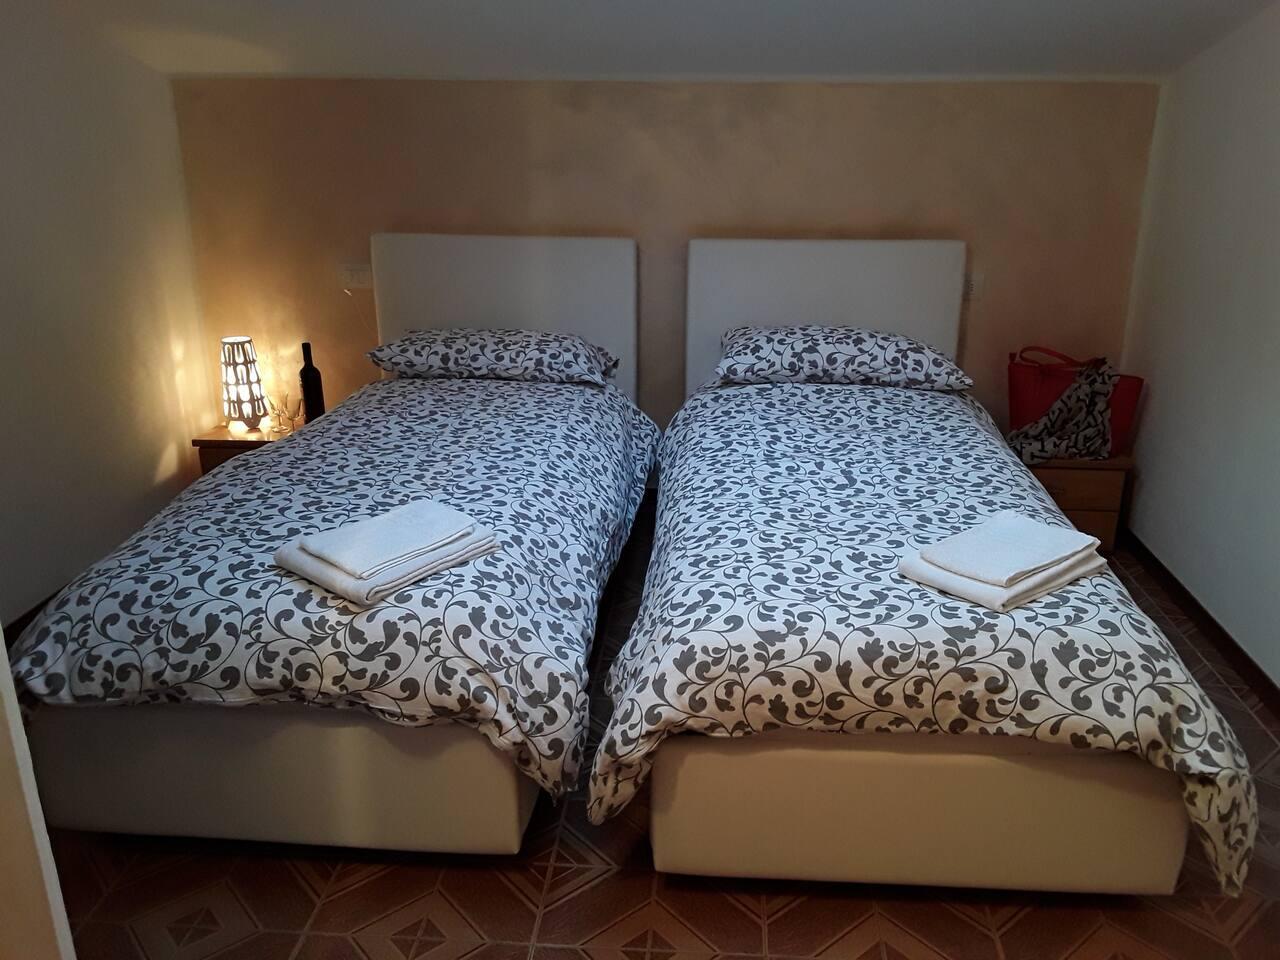 due letti